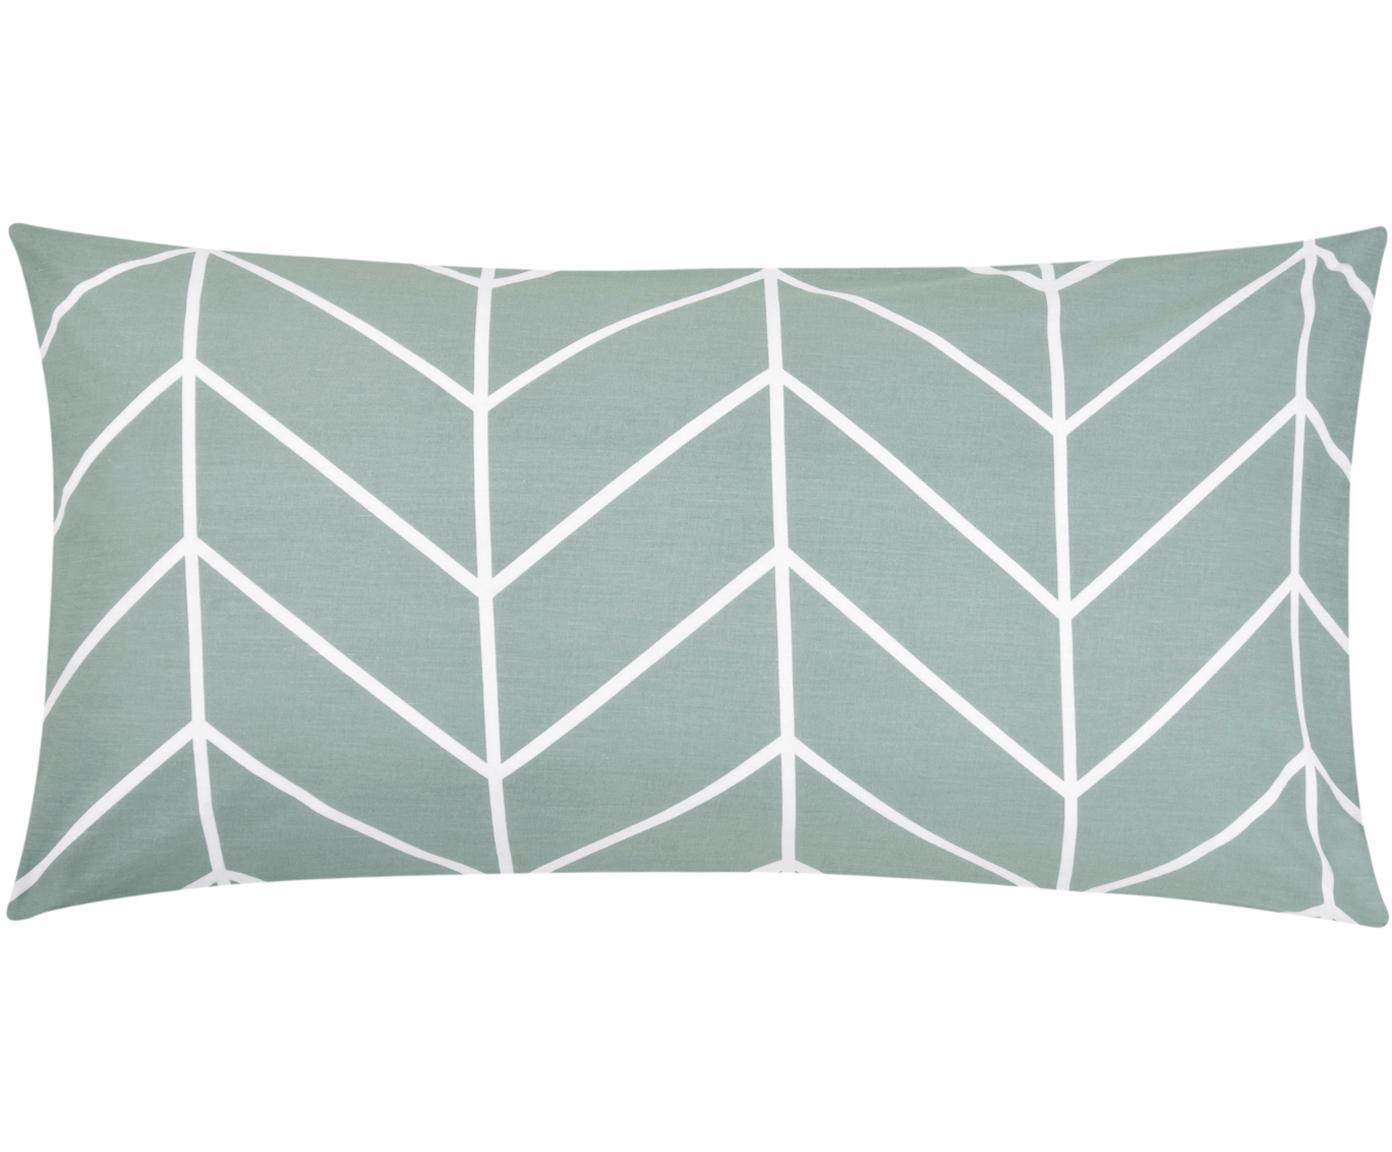 Baumwoll-Kissenbezüge Mirja mit grafischem Muster, 2 Stück, Webart: Renforcé Fadendichte 144 , Grün, Cremeweiß, 40 x 80 cm